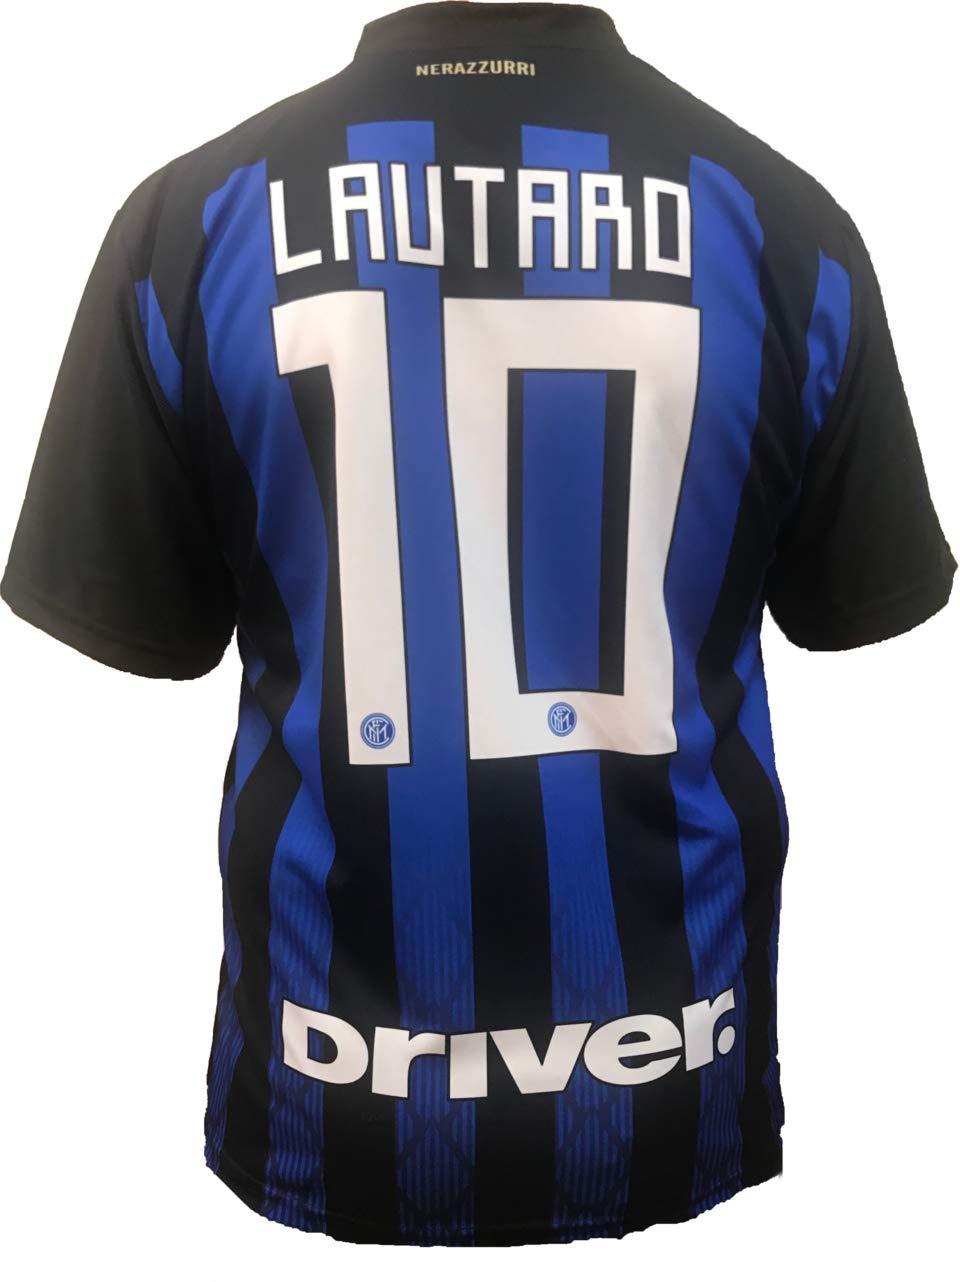 Camiseta Jersey Futbol Inter F.C Lautaro Martinez Replica ...